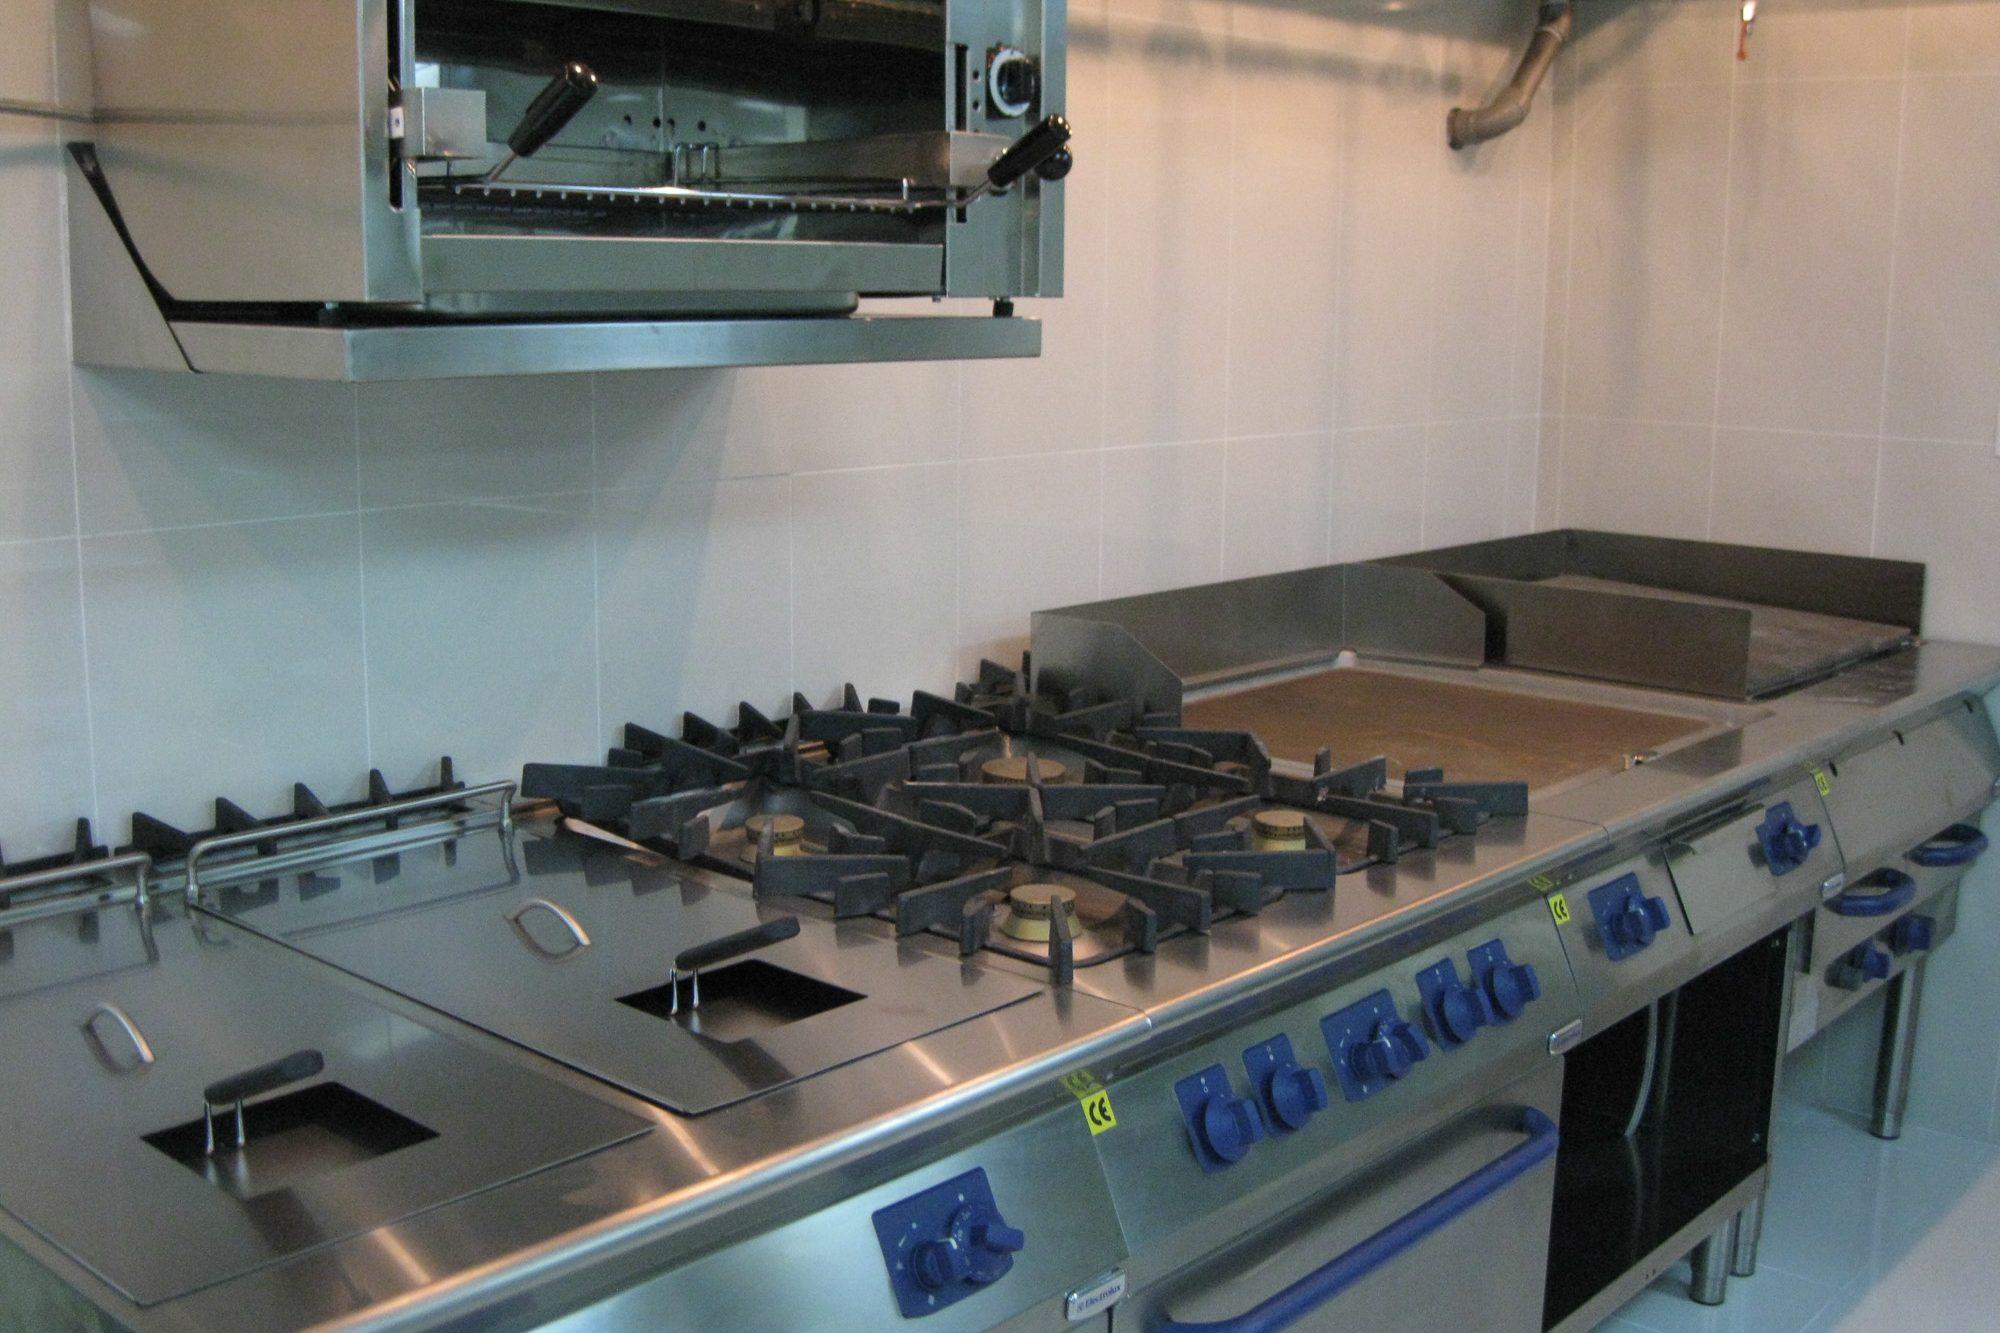 Italia_kitchen_-khotel-2